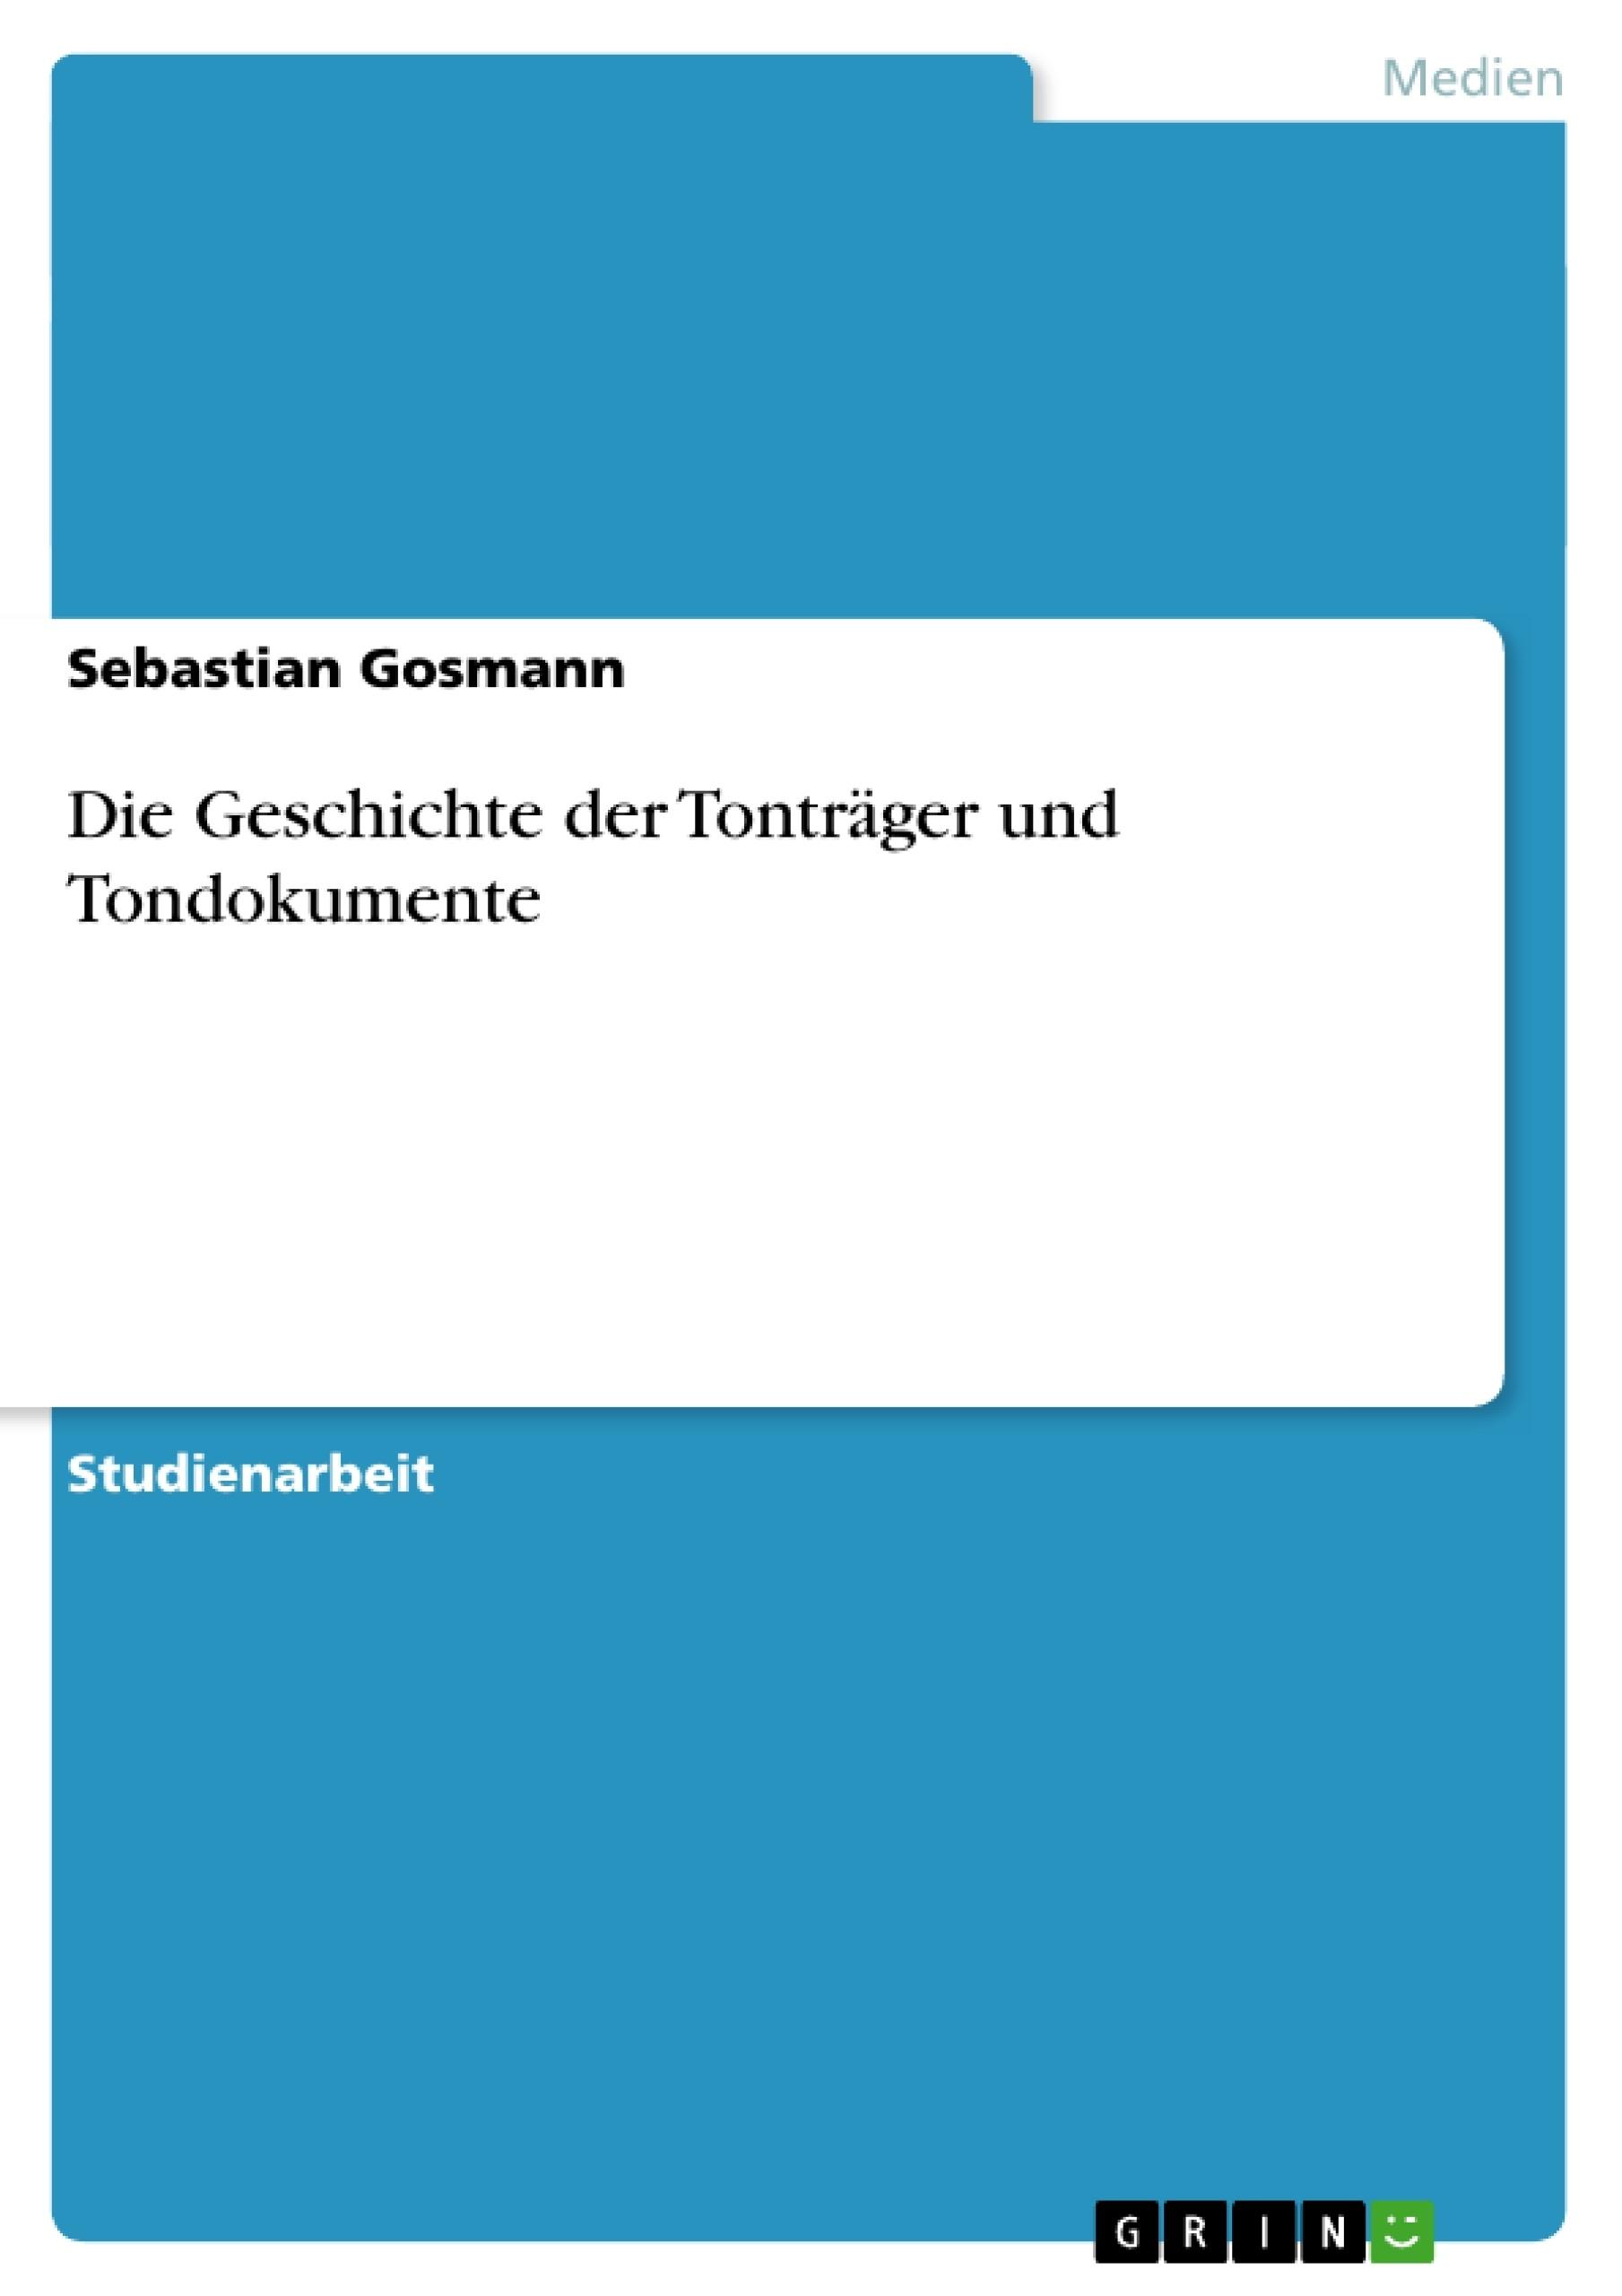 Die Geschichte der Tonträger und Tondokumente (German Edition)